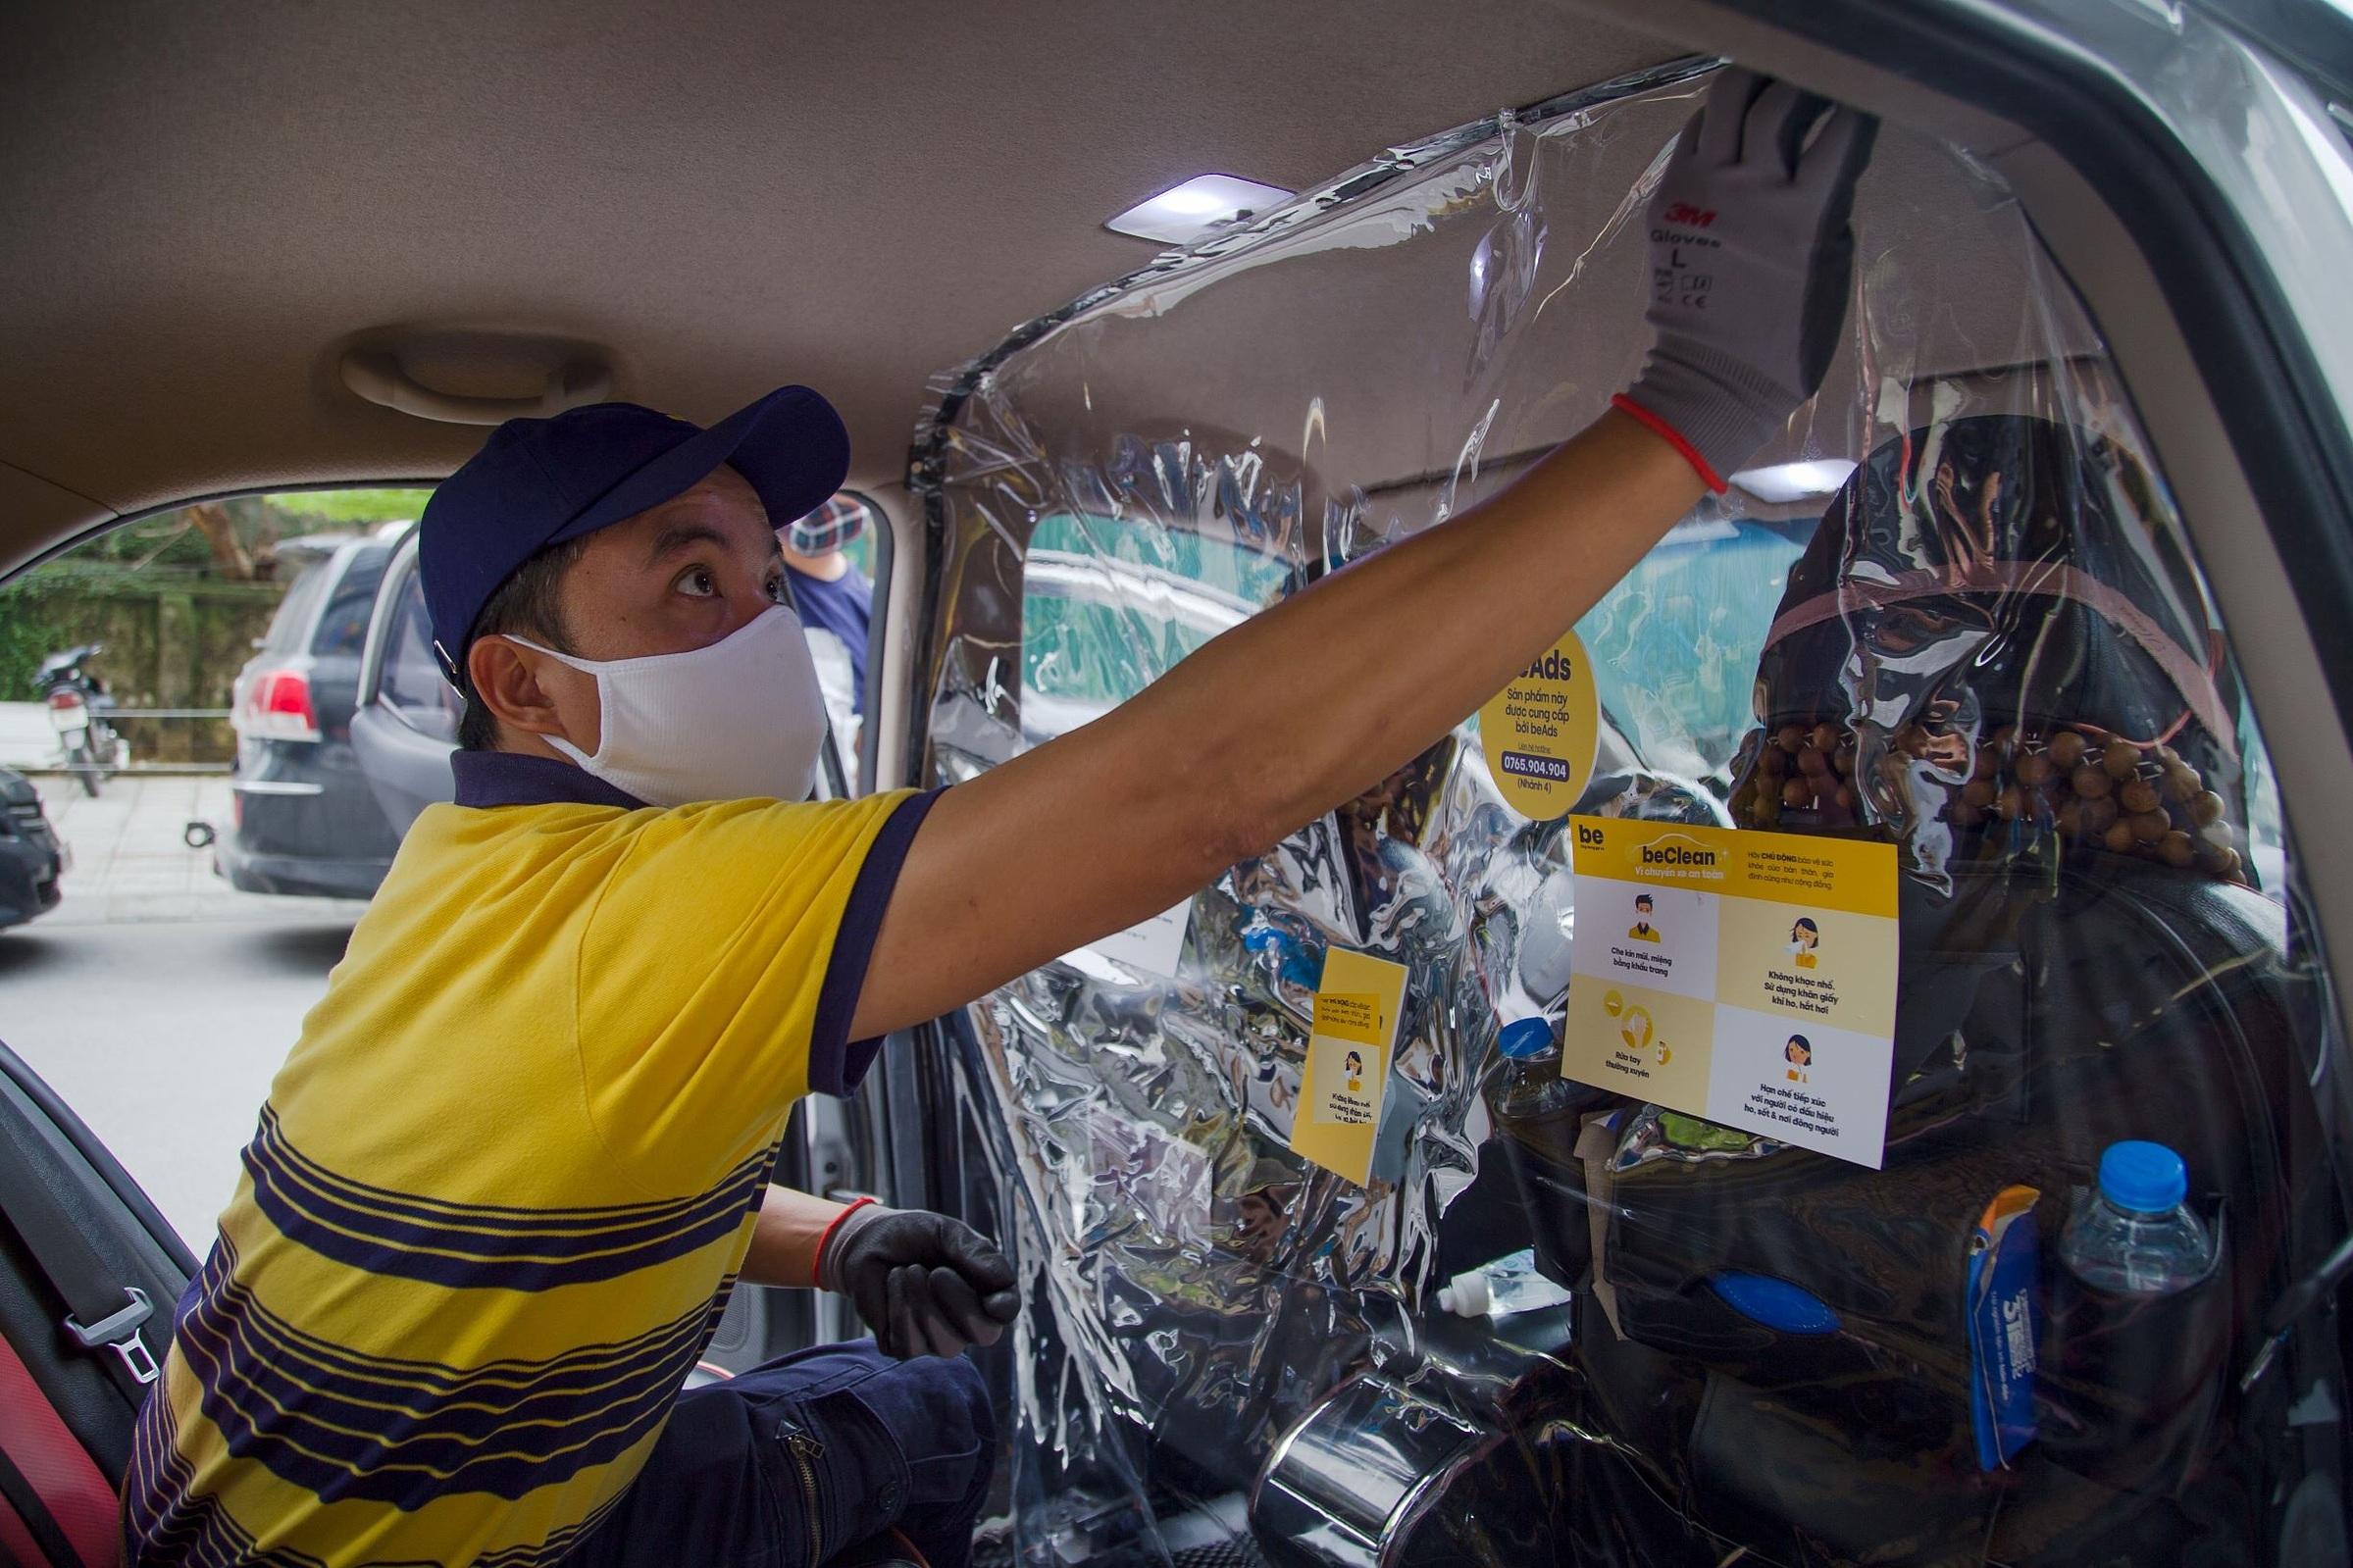 Màn ngăn giữa tài xế và hành khách trong beCar. Ảnh công ty cung cấp